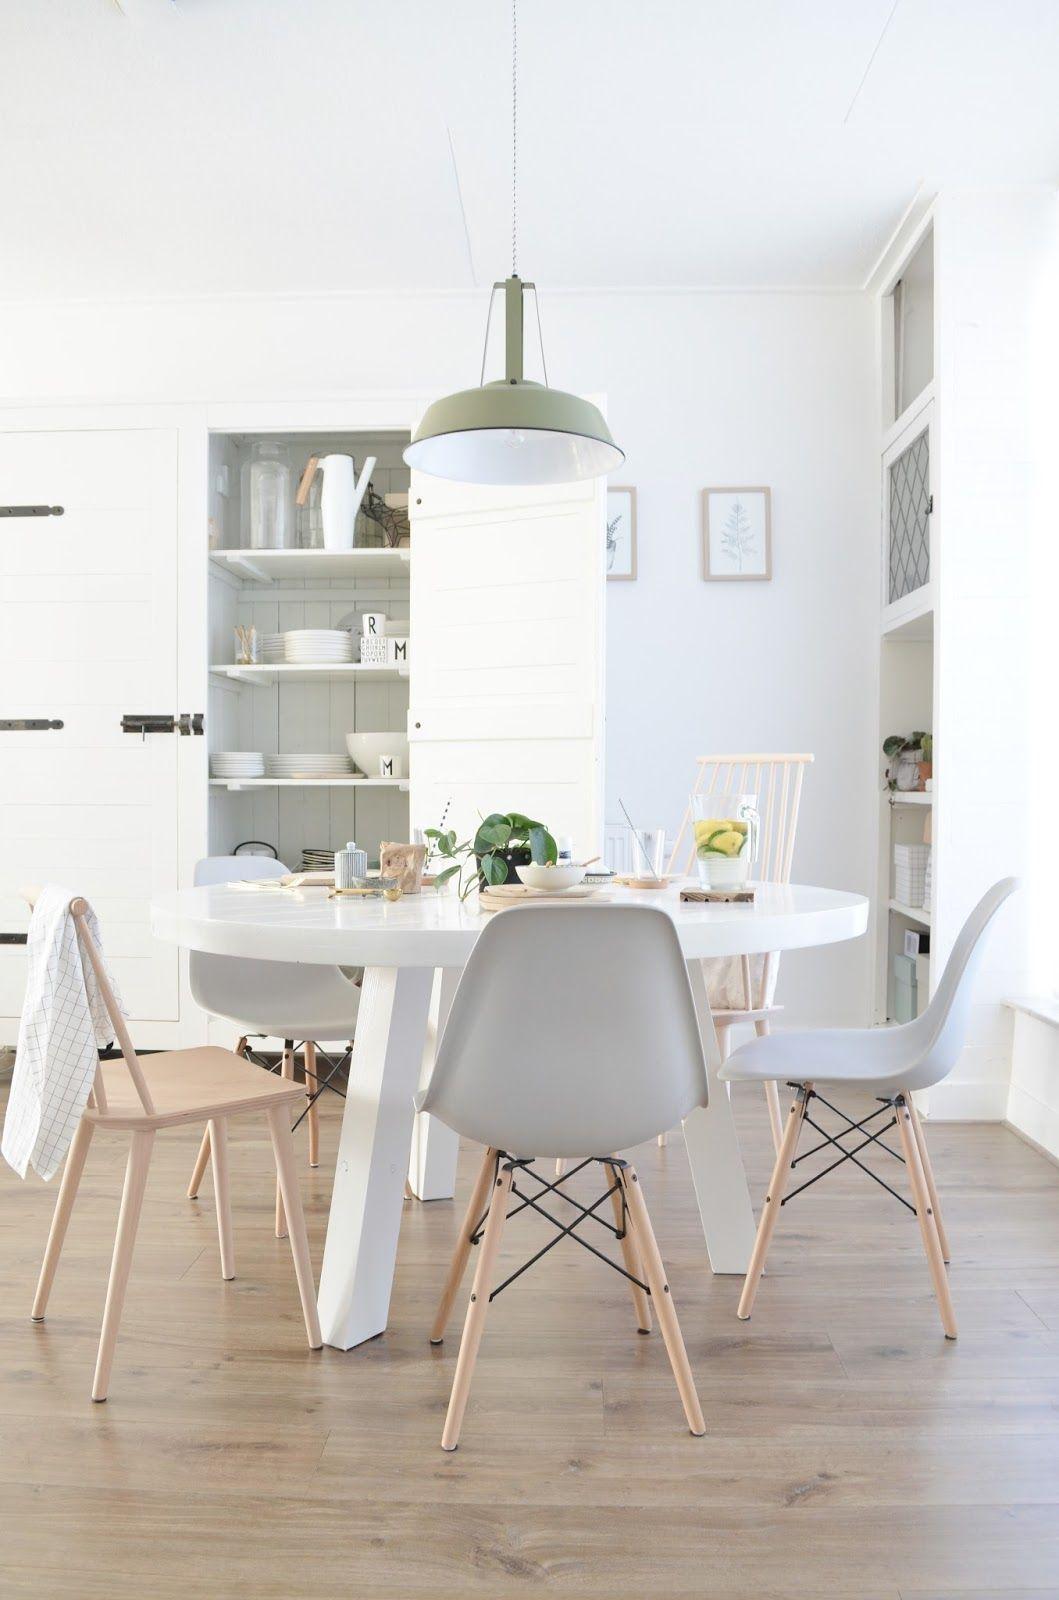 en alles daartussen woonkamer pinterest esszimmer runde tische und wohndeko. Black Bedroom Furniture Sets. Home Design Ideas